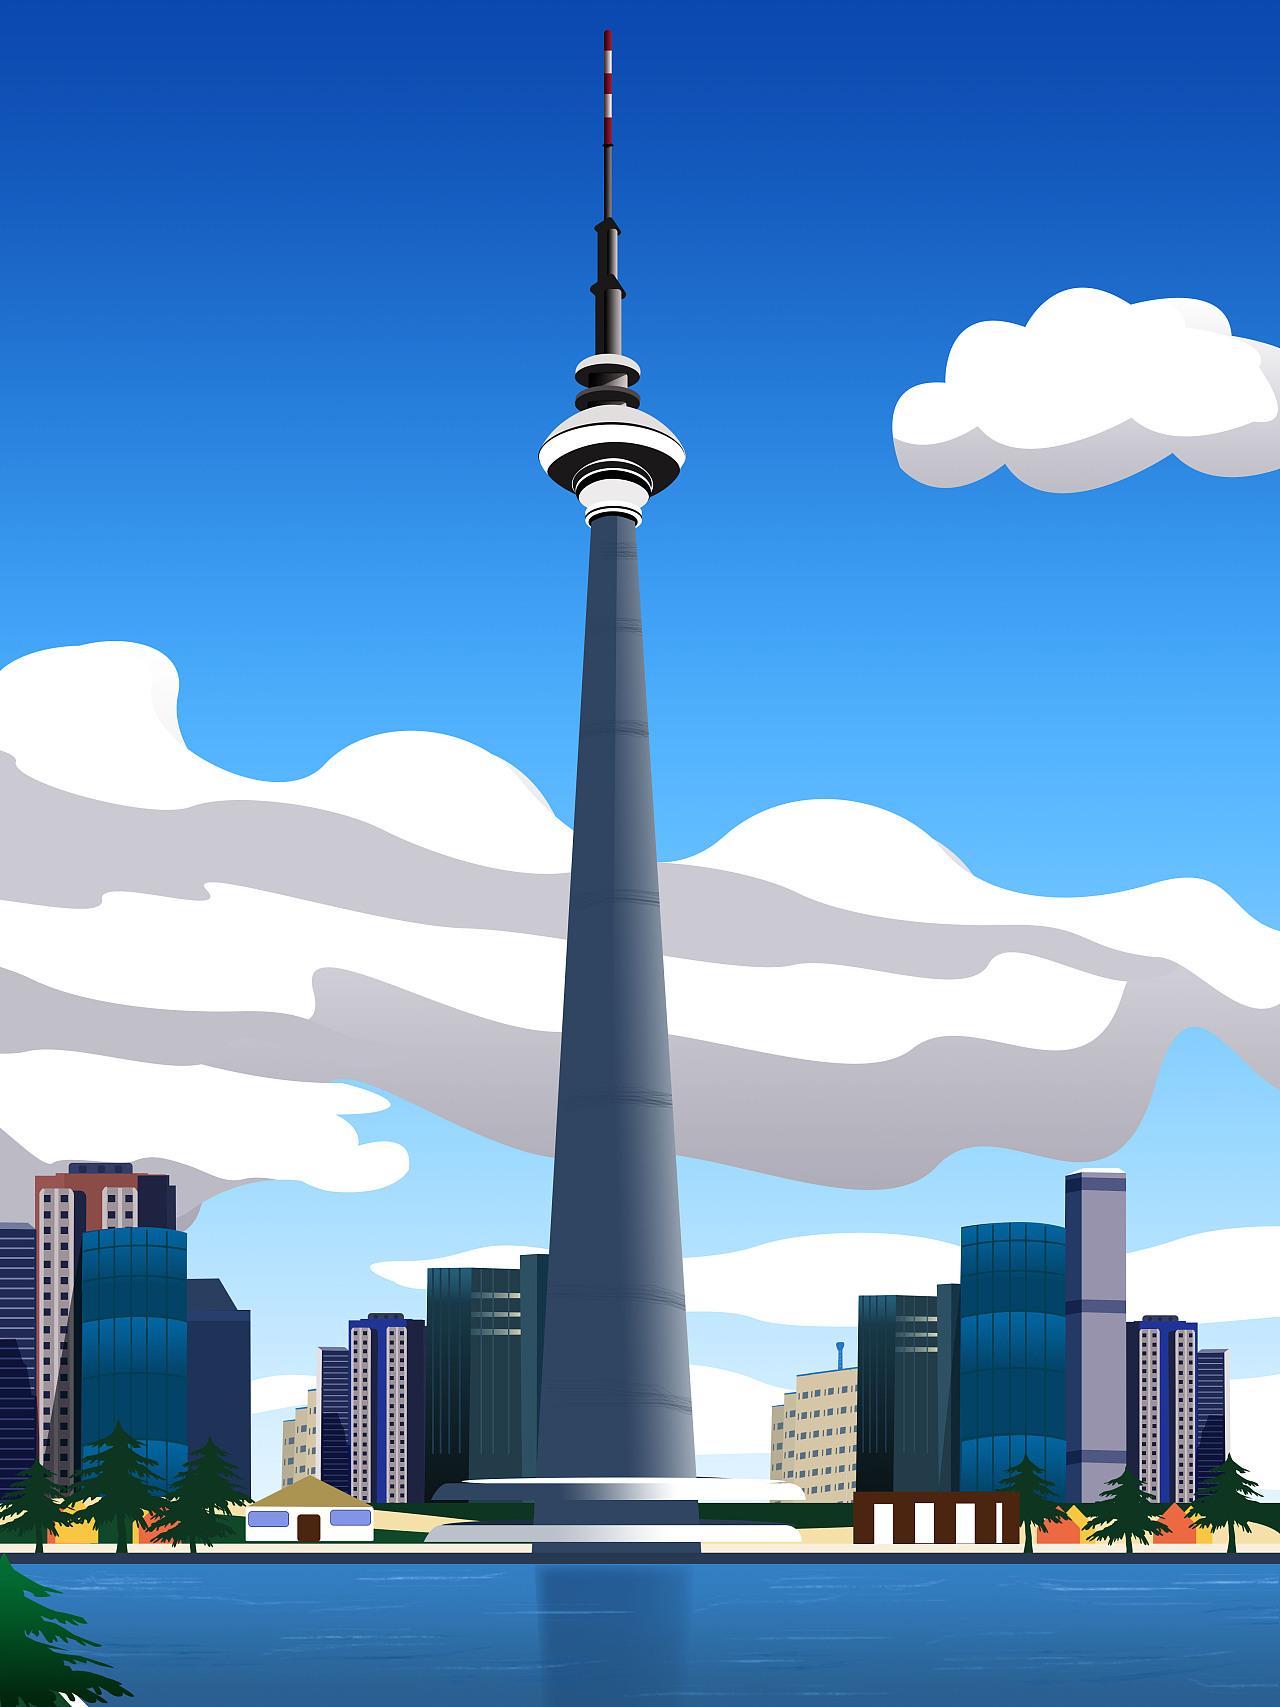 古今中外插画矢量建筑的简单构成居住区现代景观设计案例图片